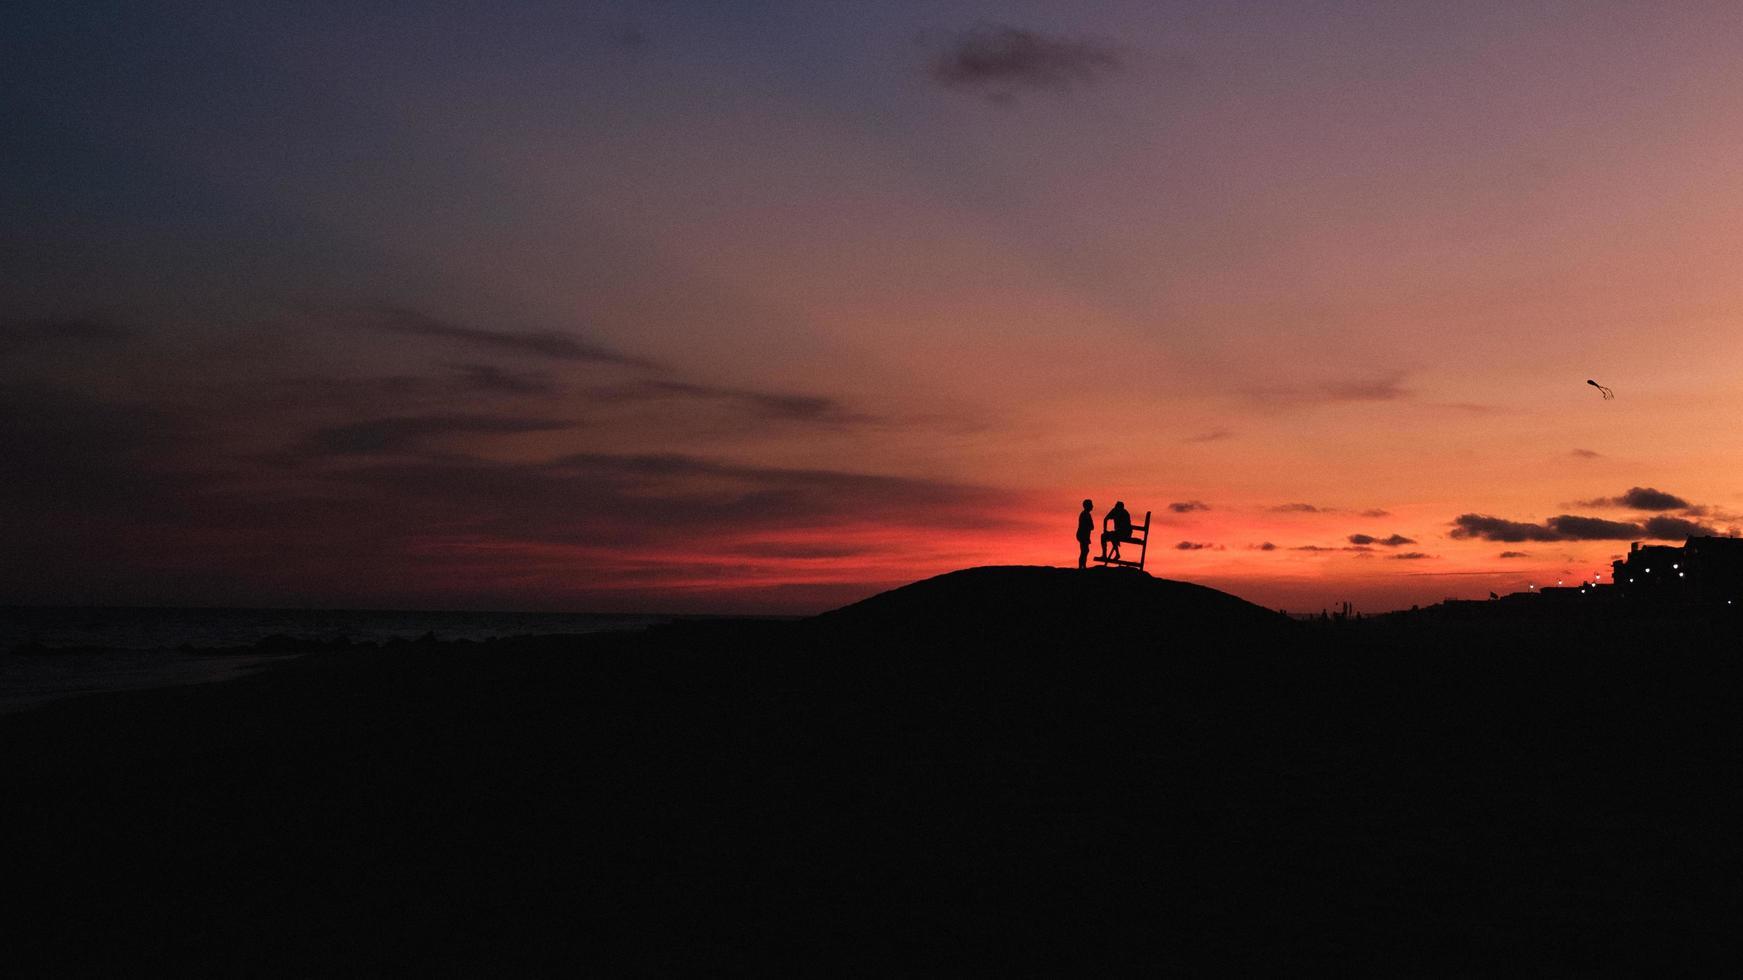 silhouette di 2 persone in piedi sulla collina durante il tramonto foto